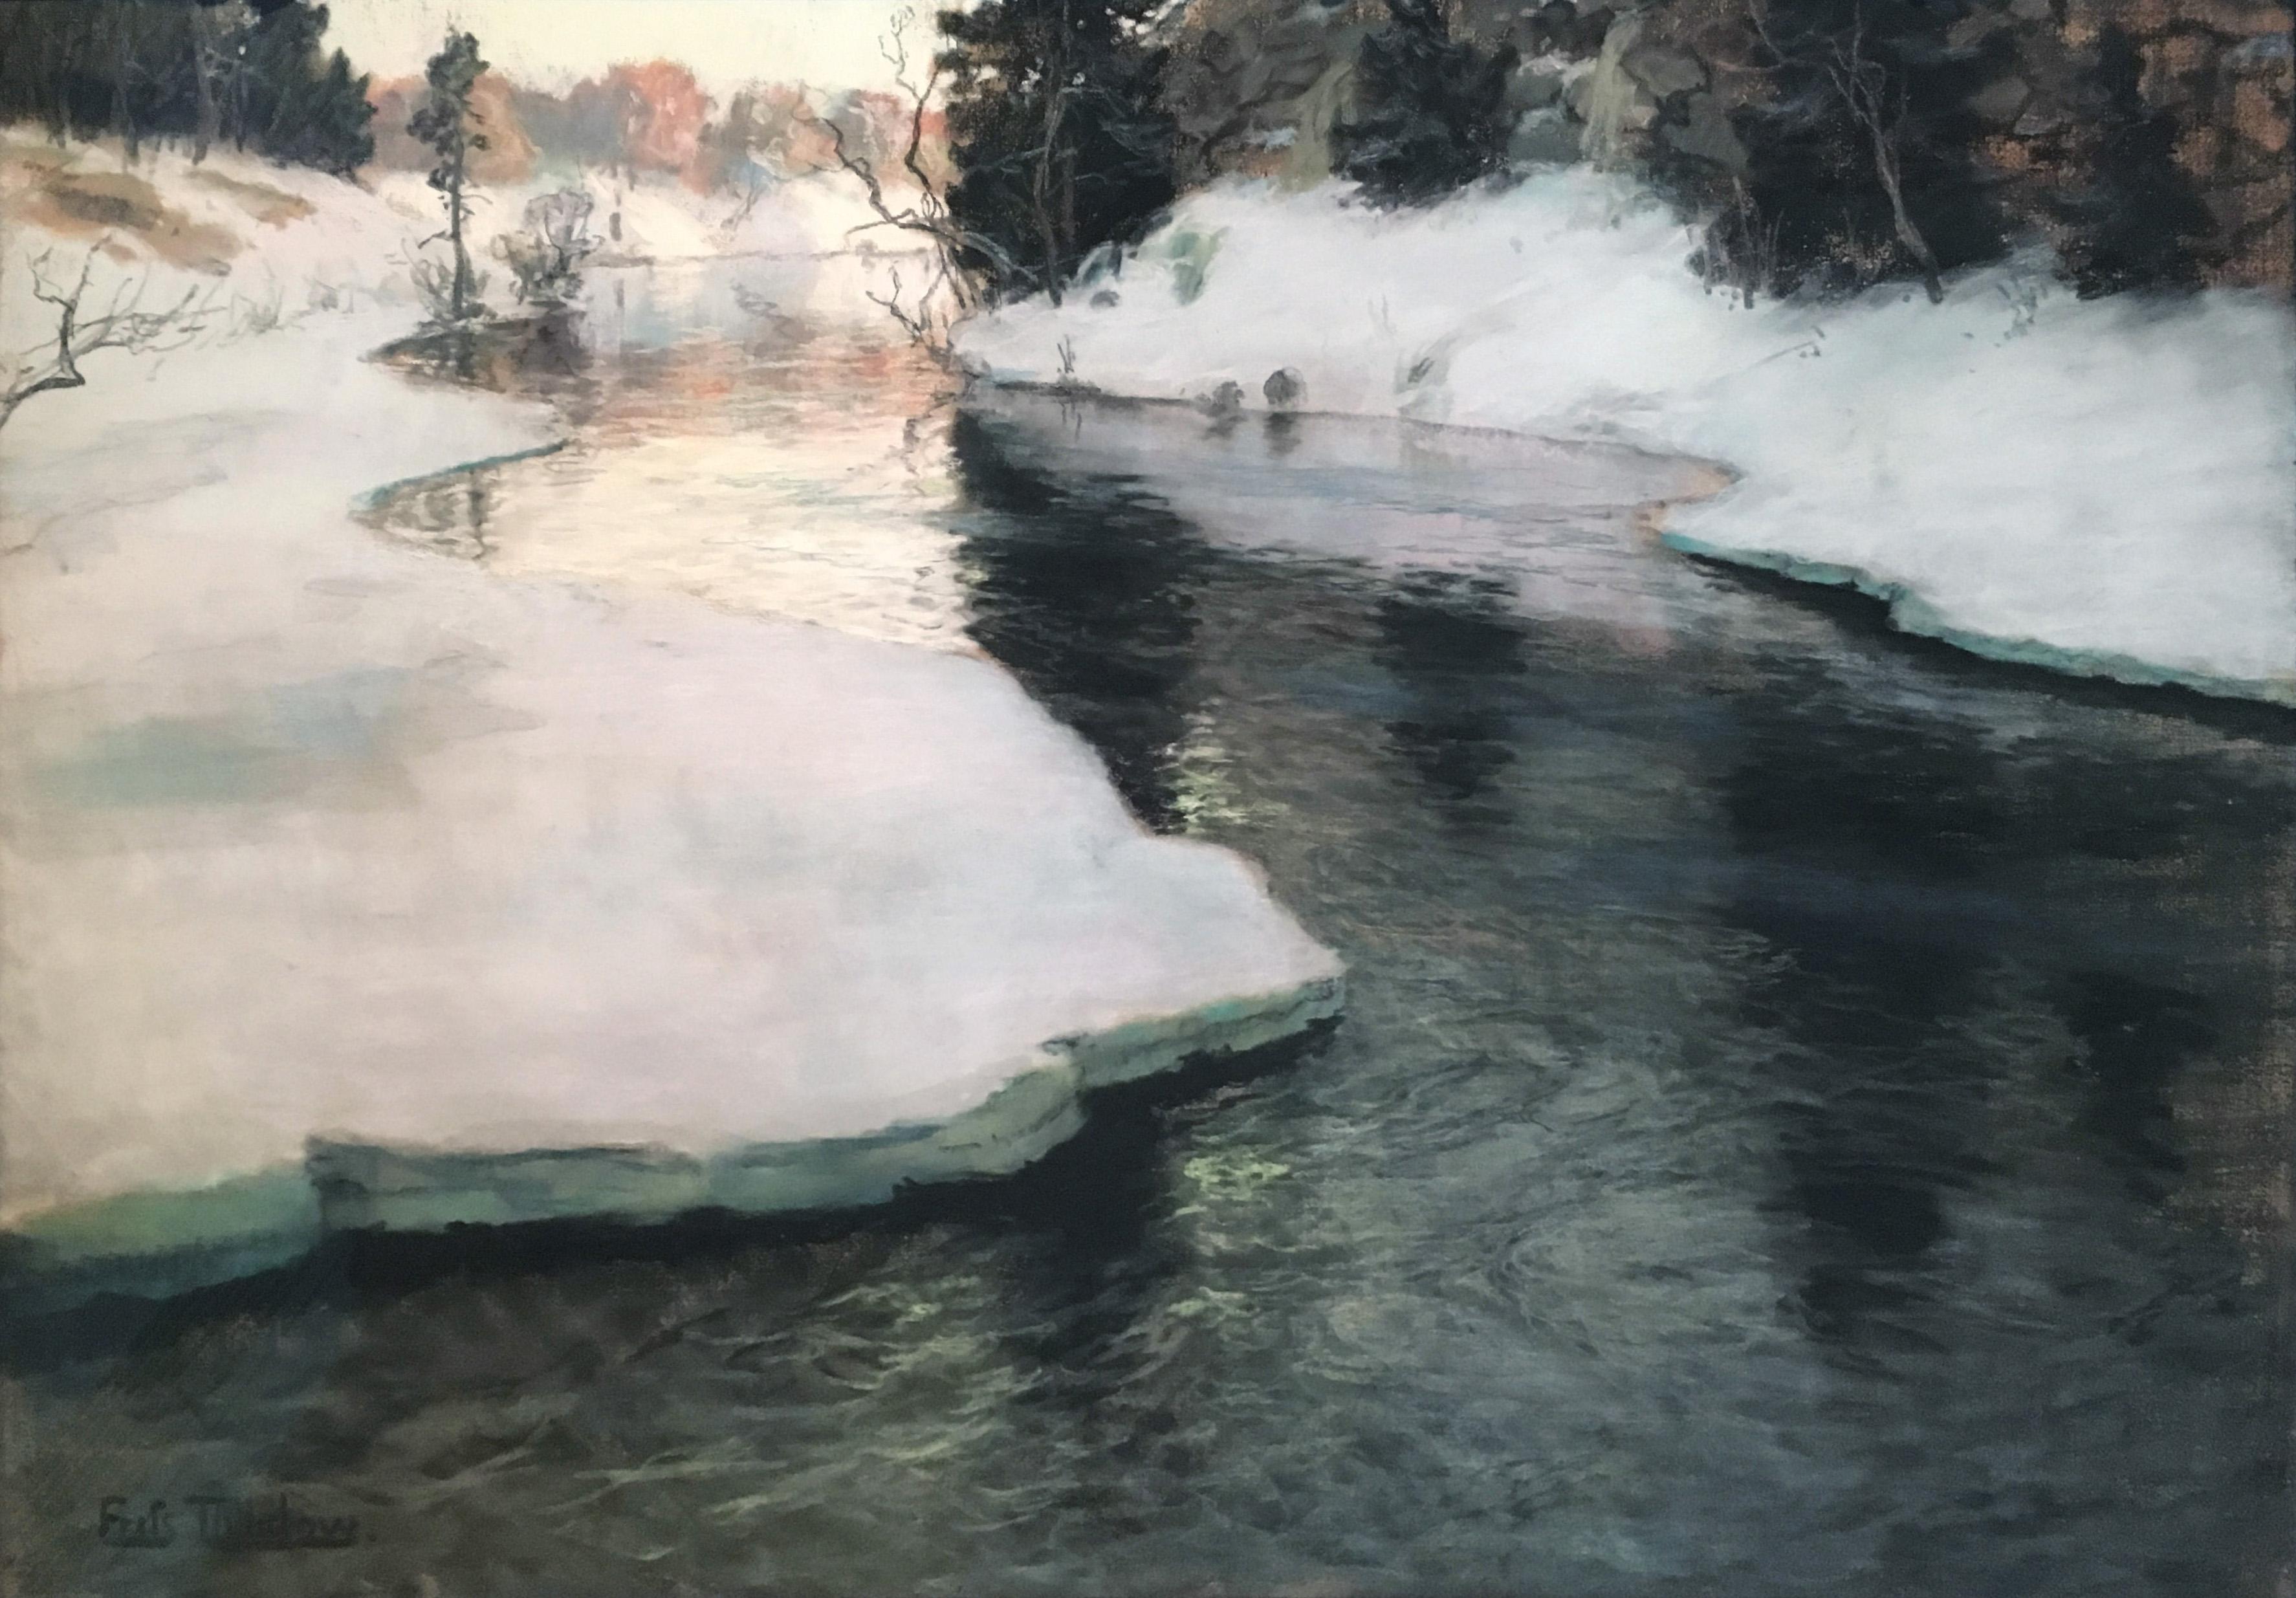 Речной пейзаж paysage river landscape painting Таулов Thaulow пастель Альберт Сафиуллин